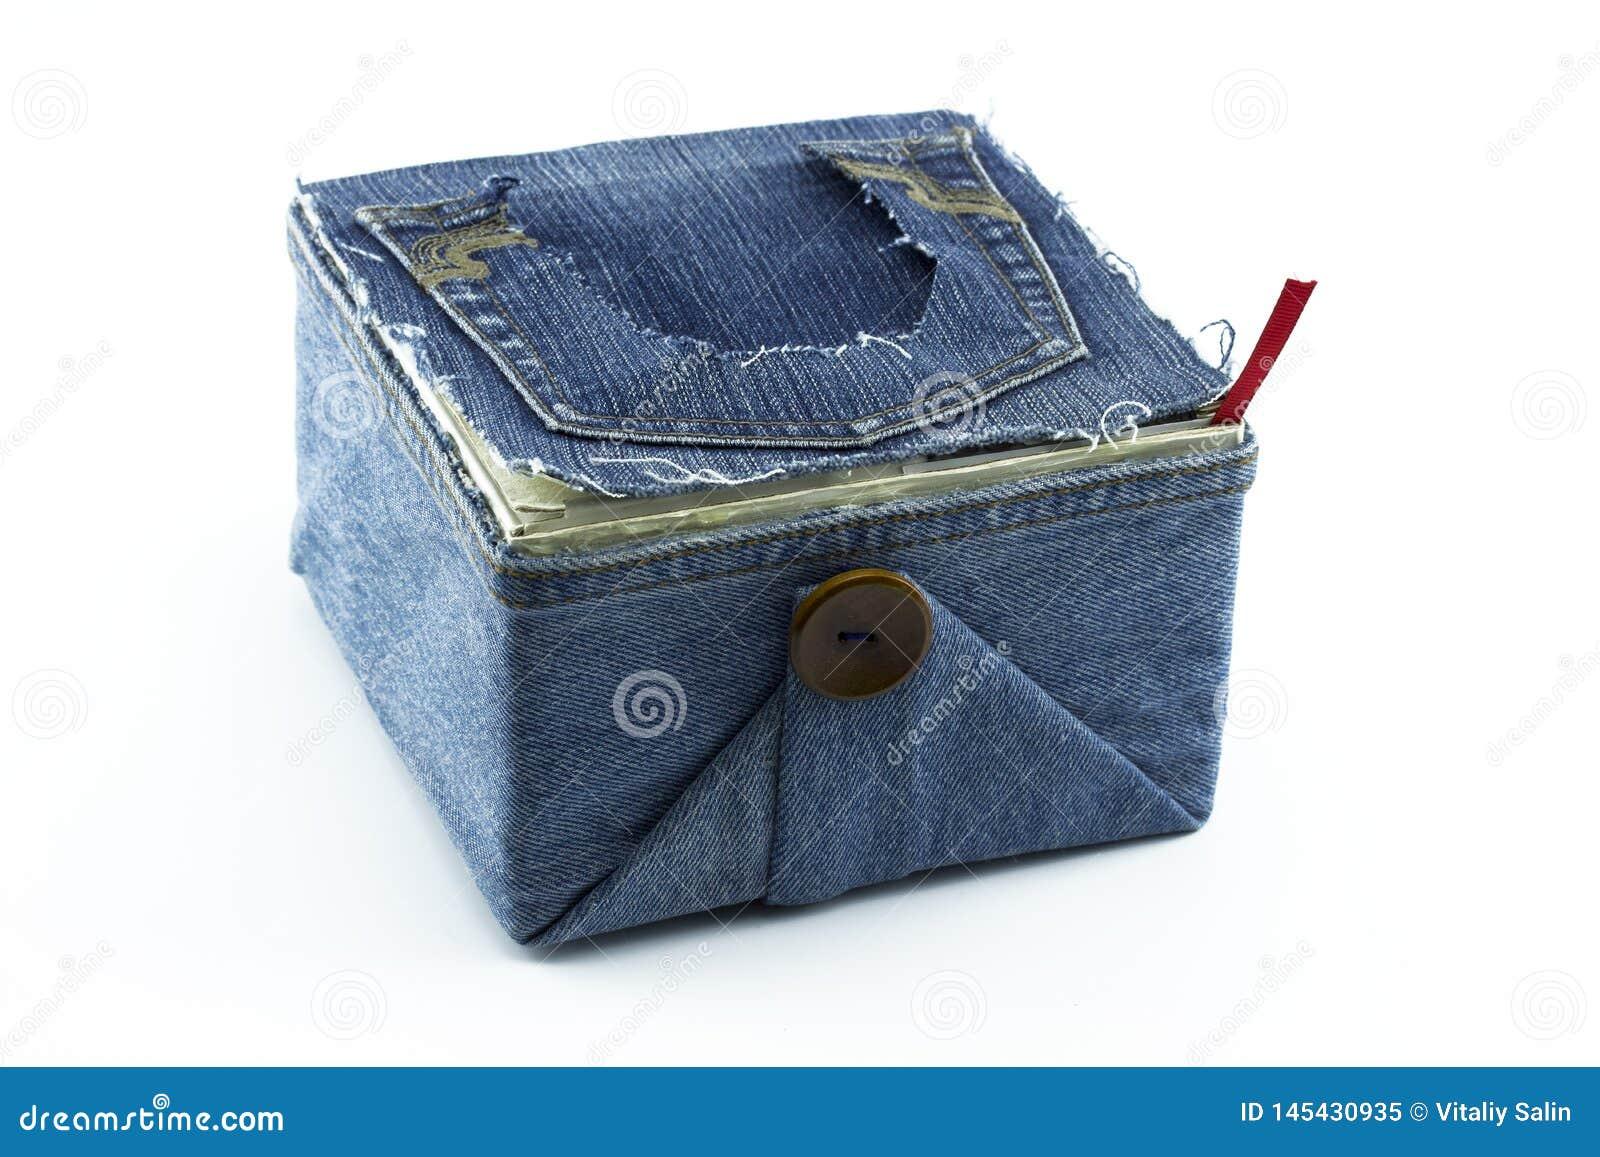 Ящик для хранения со сплетя поставками: шить поток, ножницы, катышкы потока и иглы, аксессуары для шить изолированный на whi